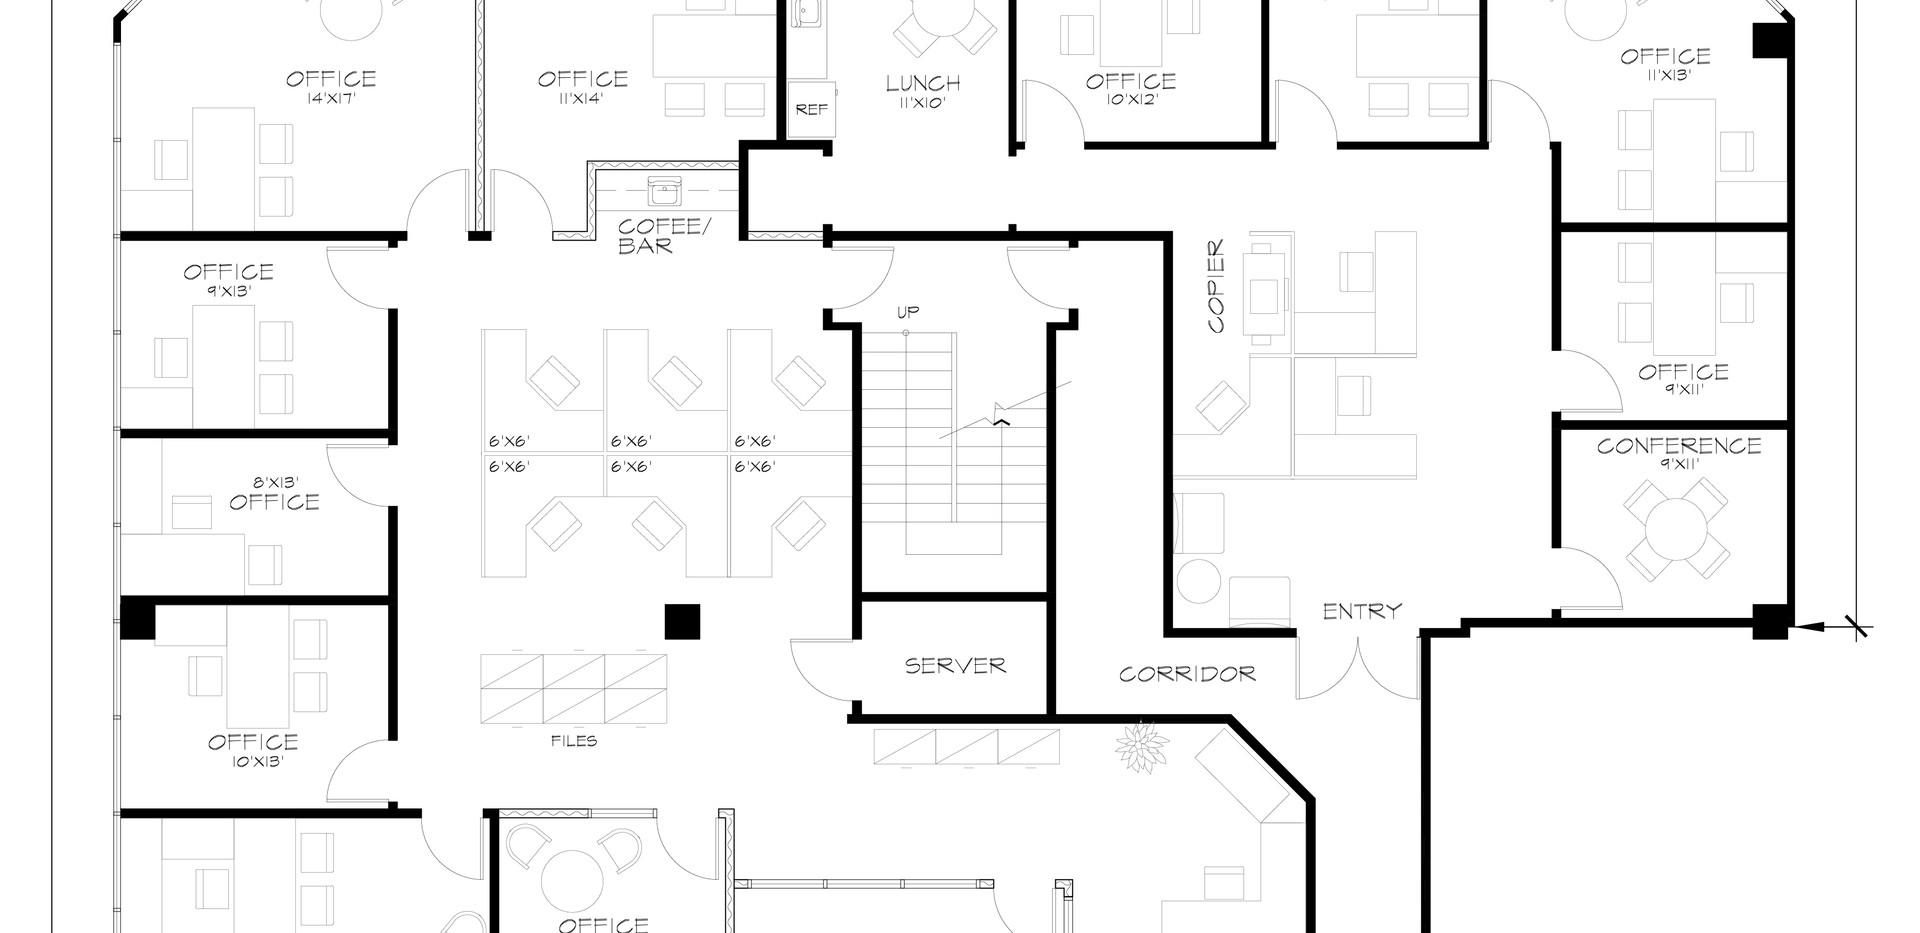 Suite 442 & 426